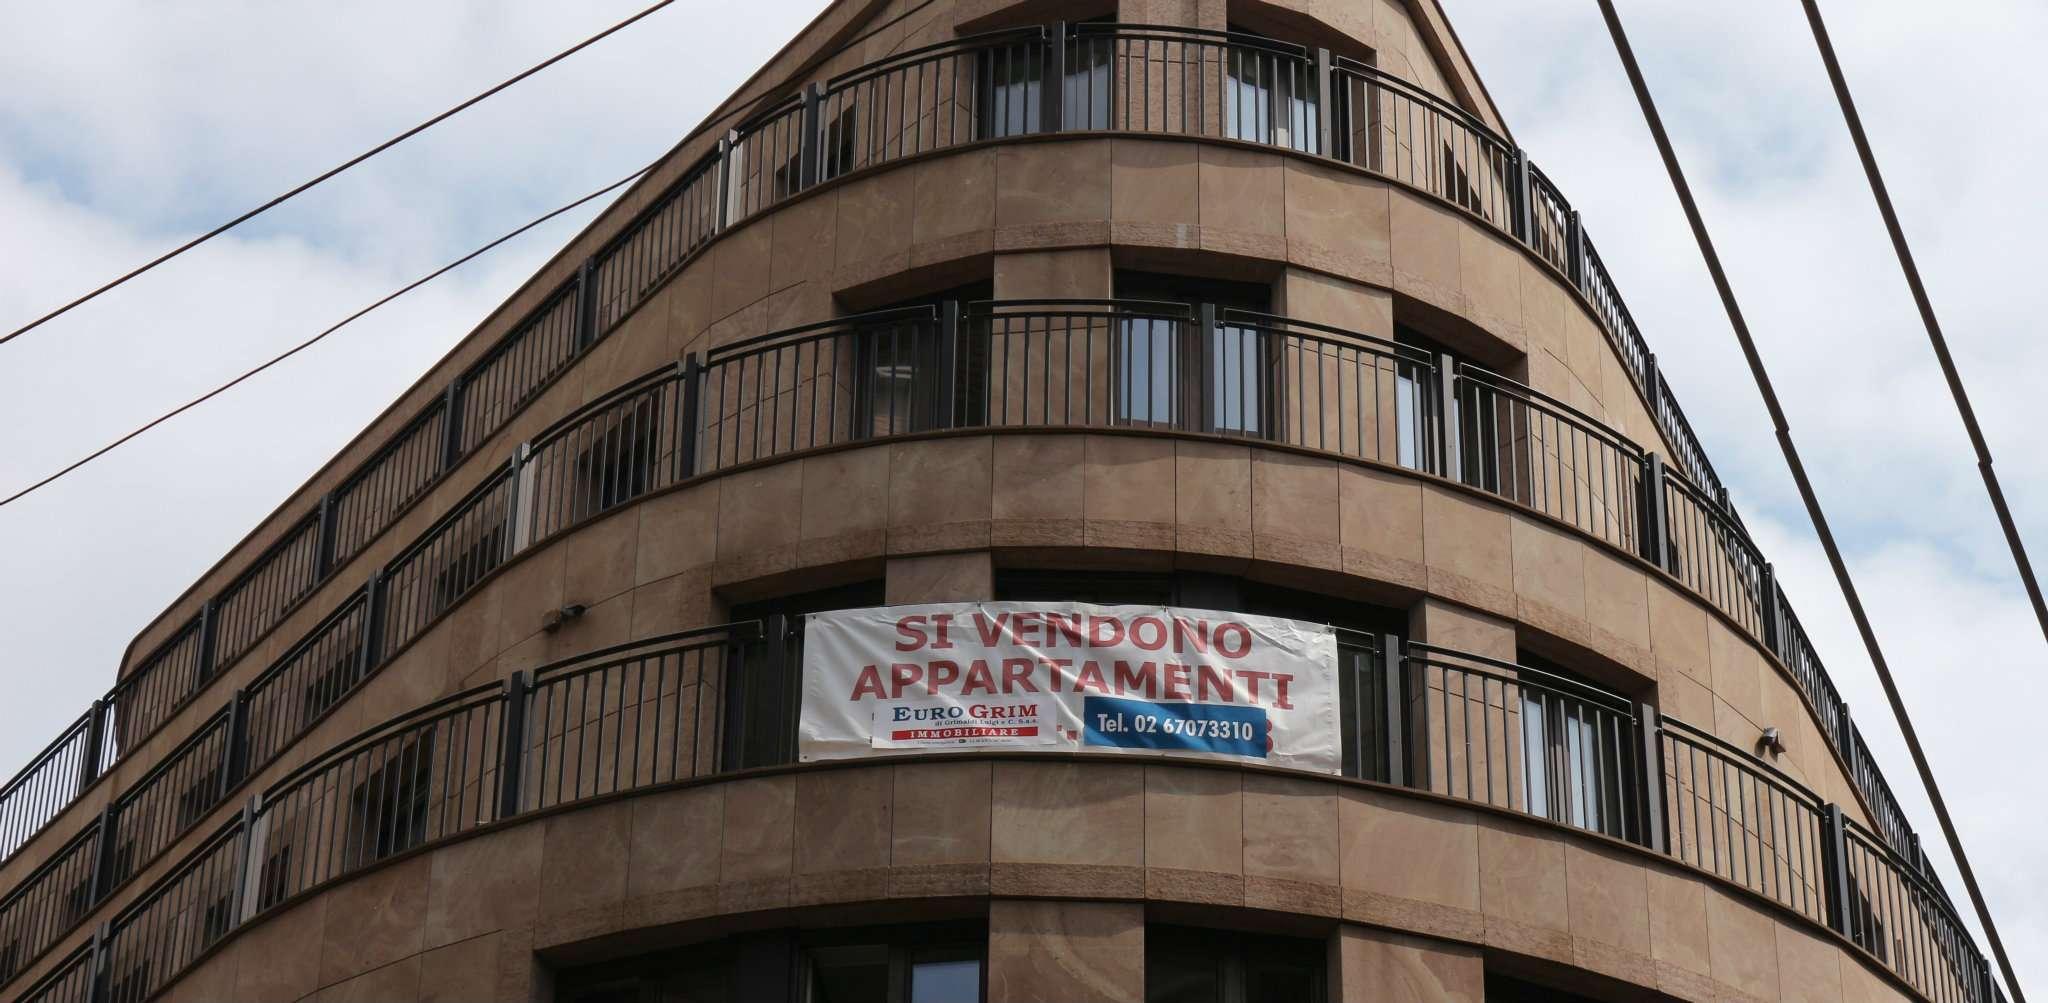 Appartamento in vendita a Milano, 9 locali, zona Zona: 1 . Centro Storico, Duomo, Brera, Cadorna, Cattolica, Trattative riservate   CambioCasa.it